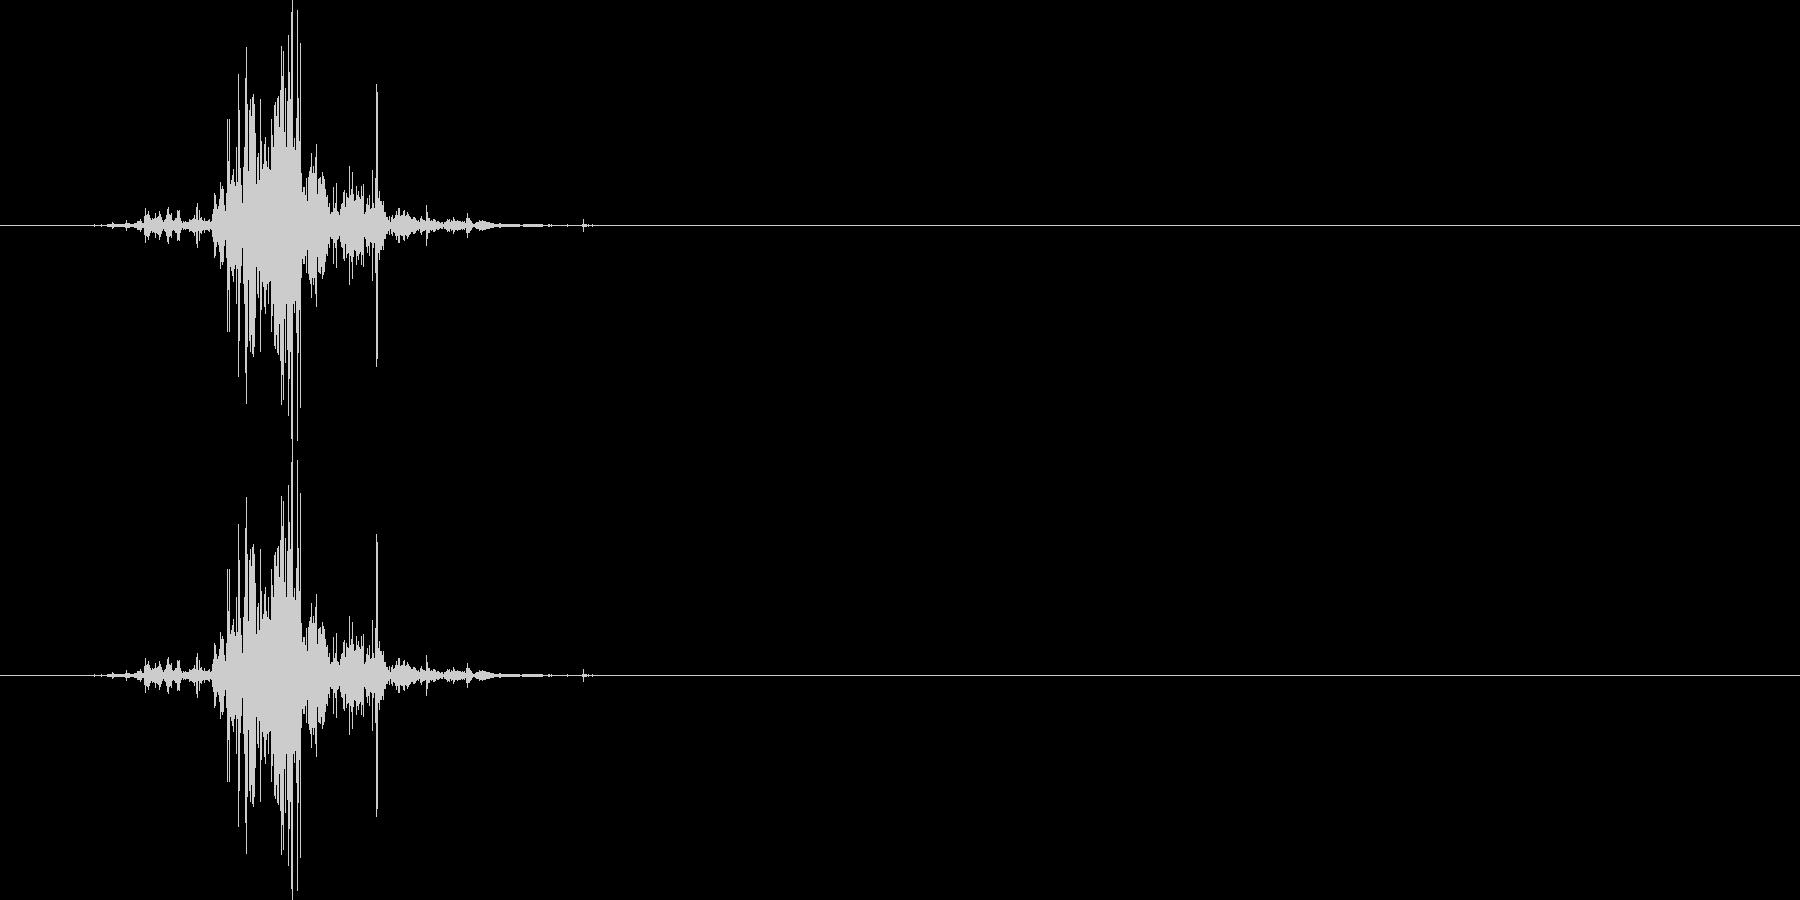 ライター着火音(100円、石)の未再生の波形